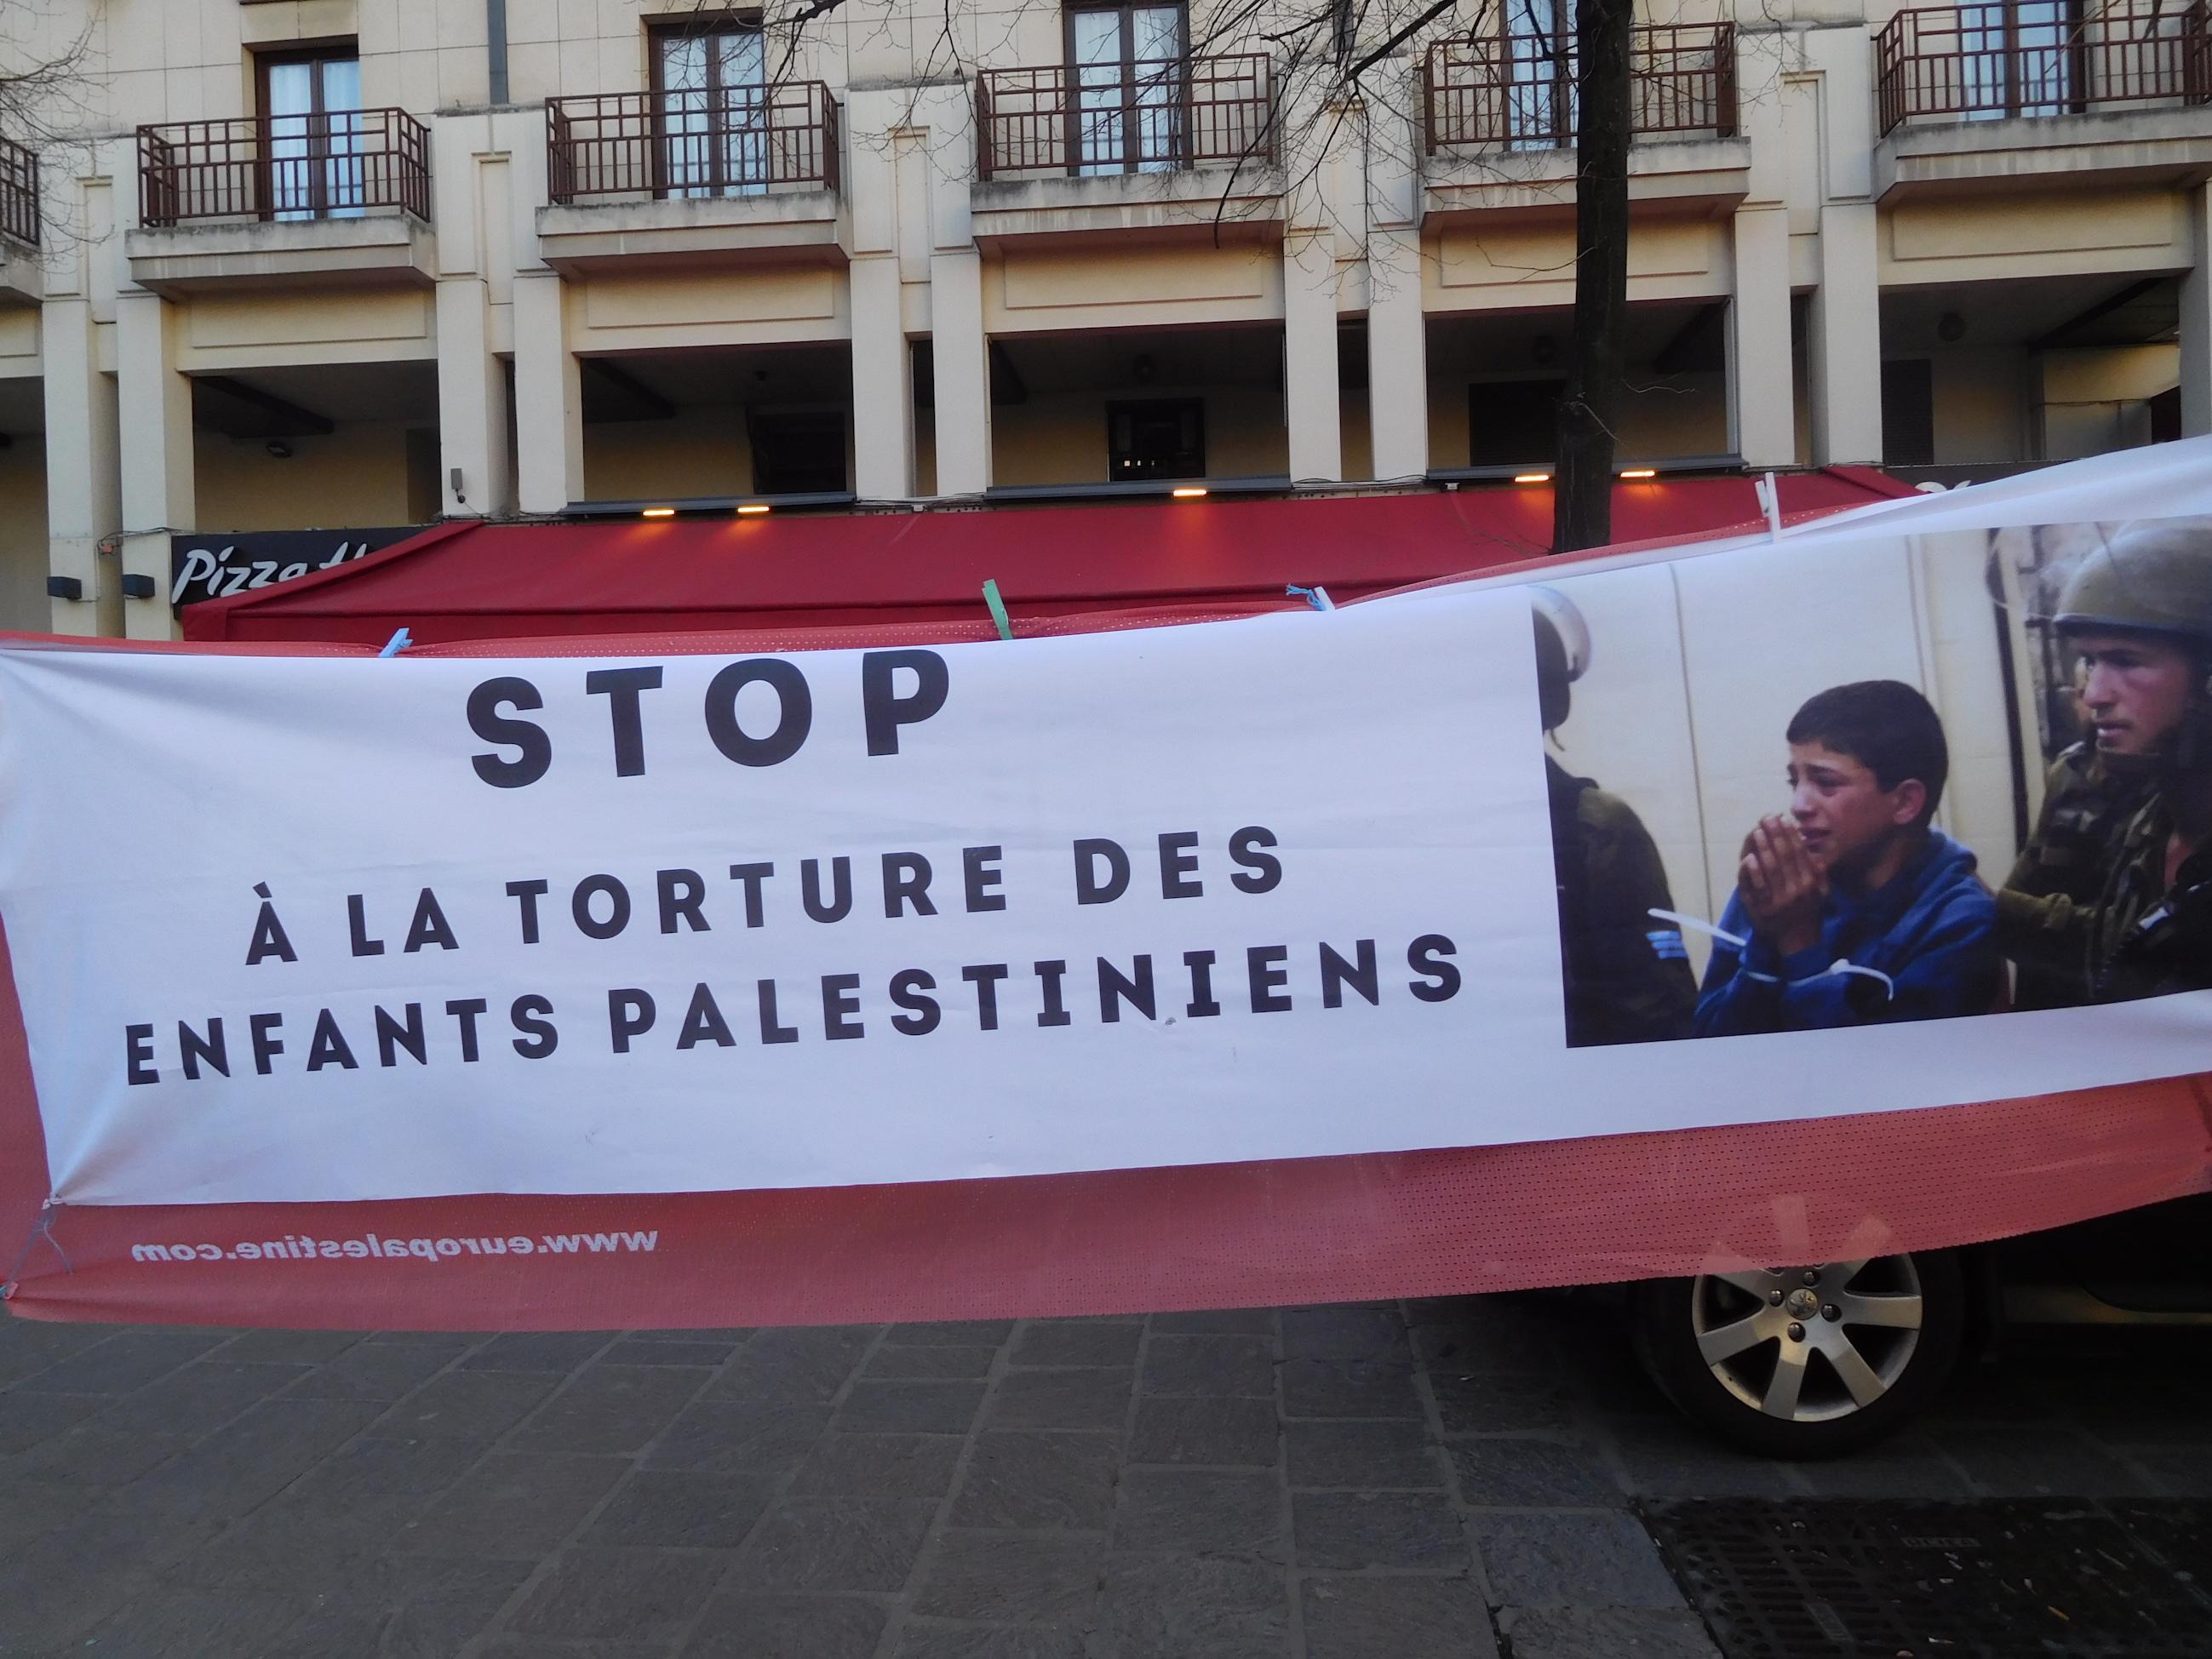 stop_torture_innocents.jpg